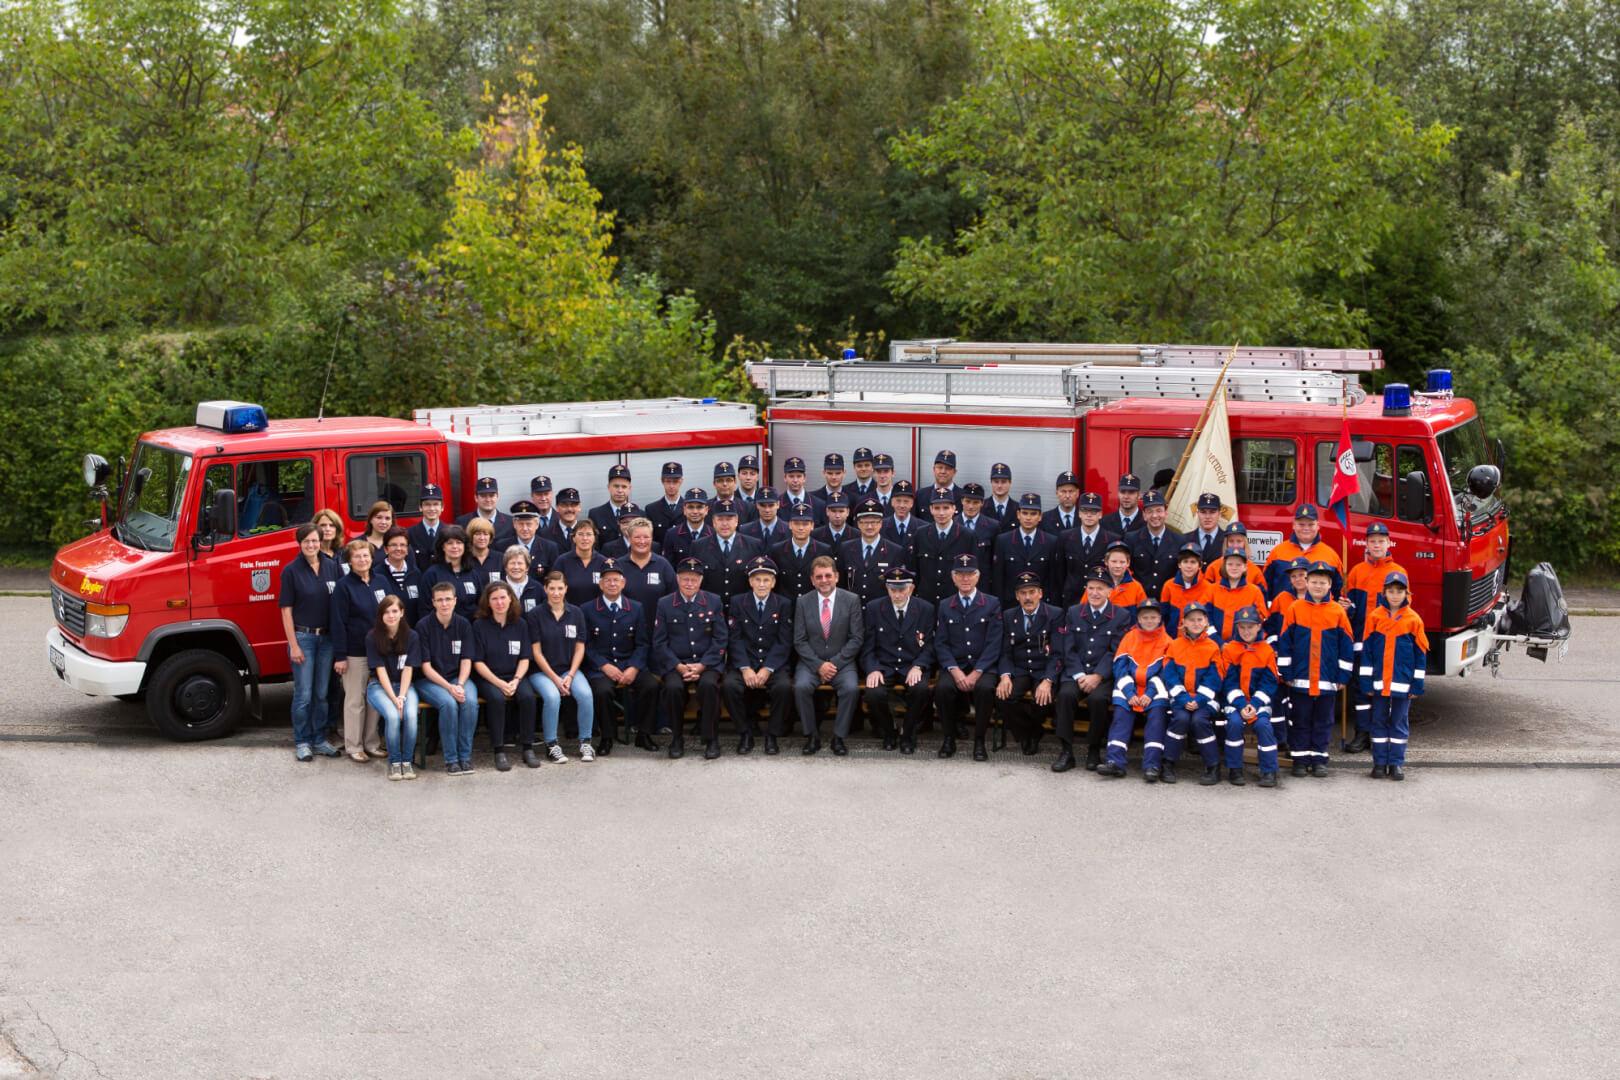 Gesamte Wehr bestehend aus Alterswehr, Feuerwehrfrauen, Einsatzabteilung und Jugendfeuerwehr